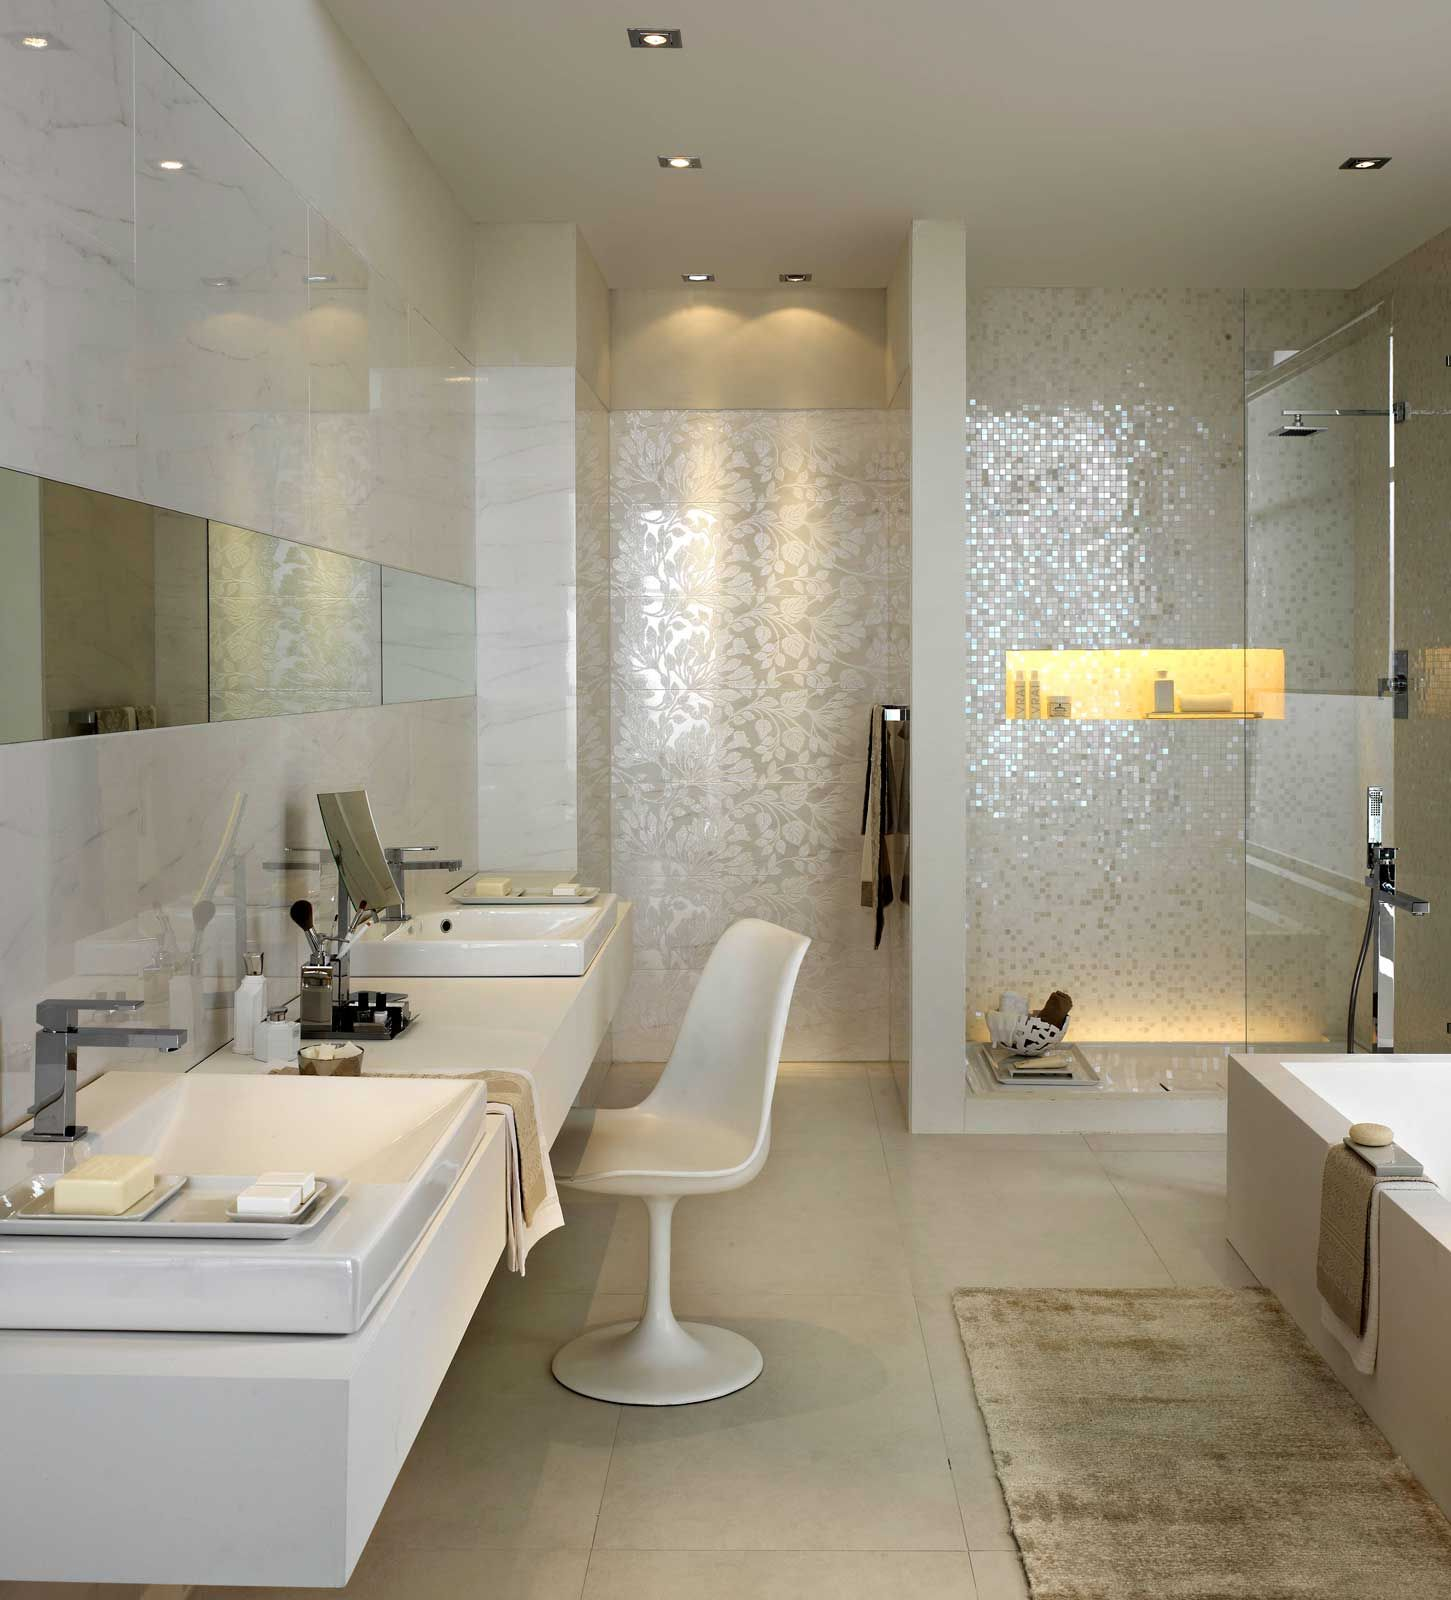 Gemauerte Dusche Mit Glas Und Beleuchteter Nische Sowie Mosaik Gemauerte Dusche Badezimmerideen Badezimmer Mosaik